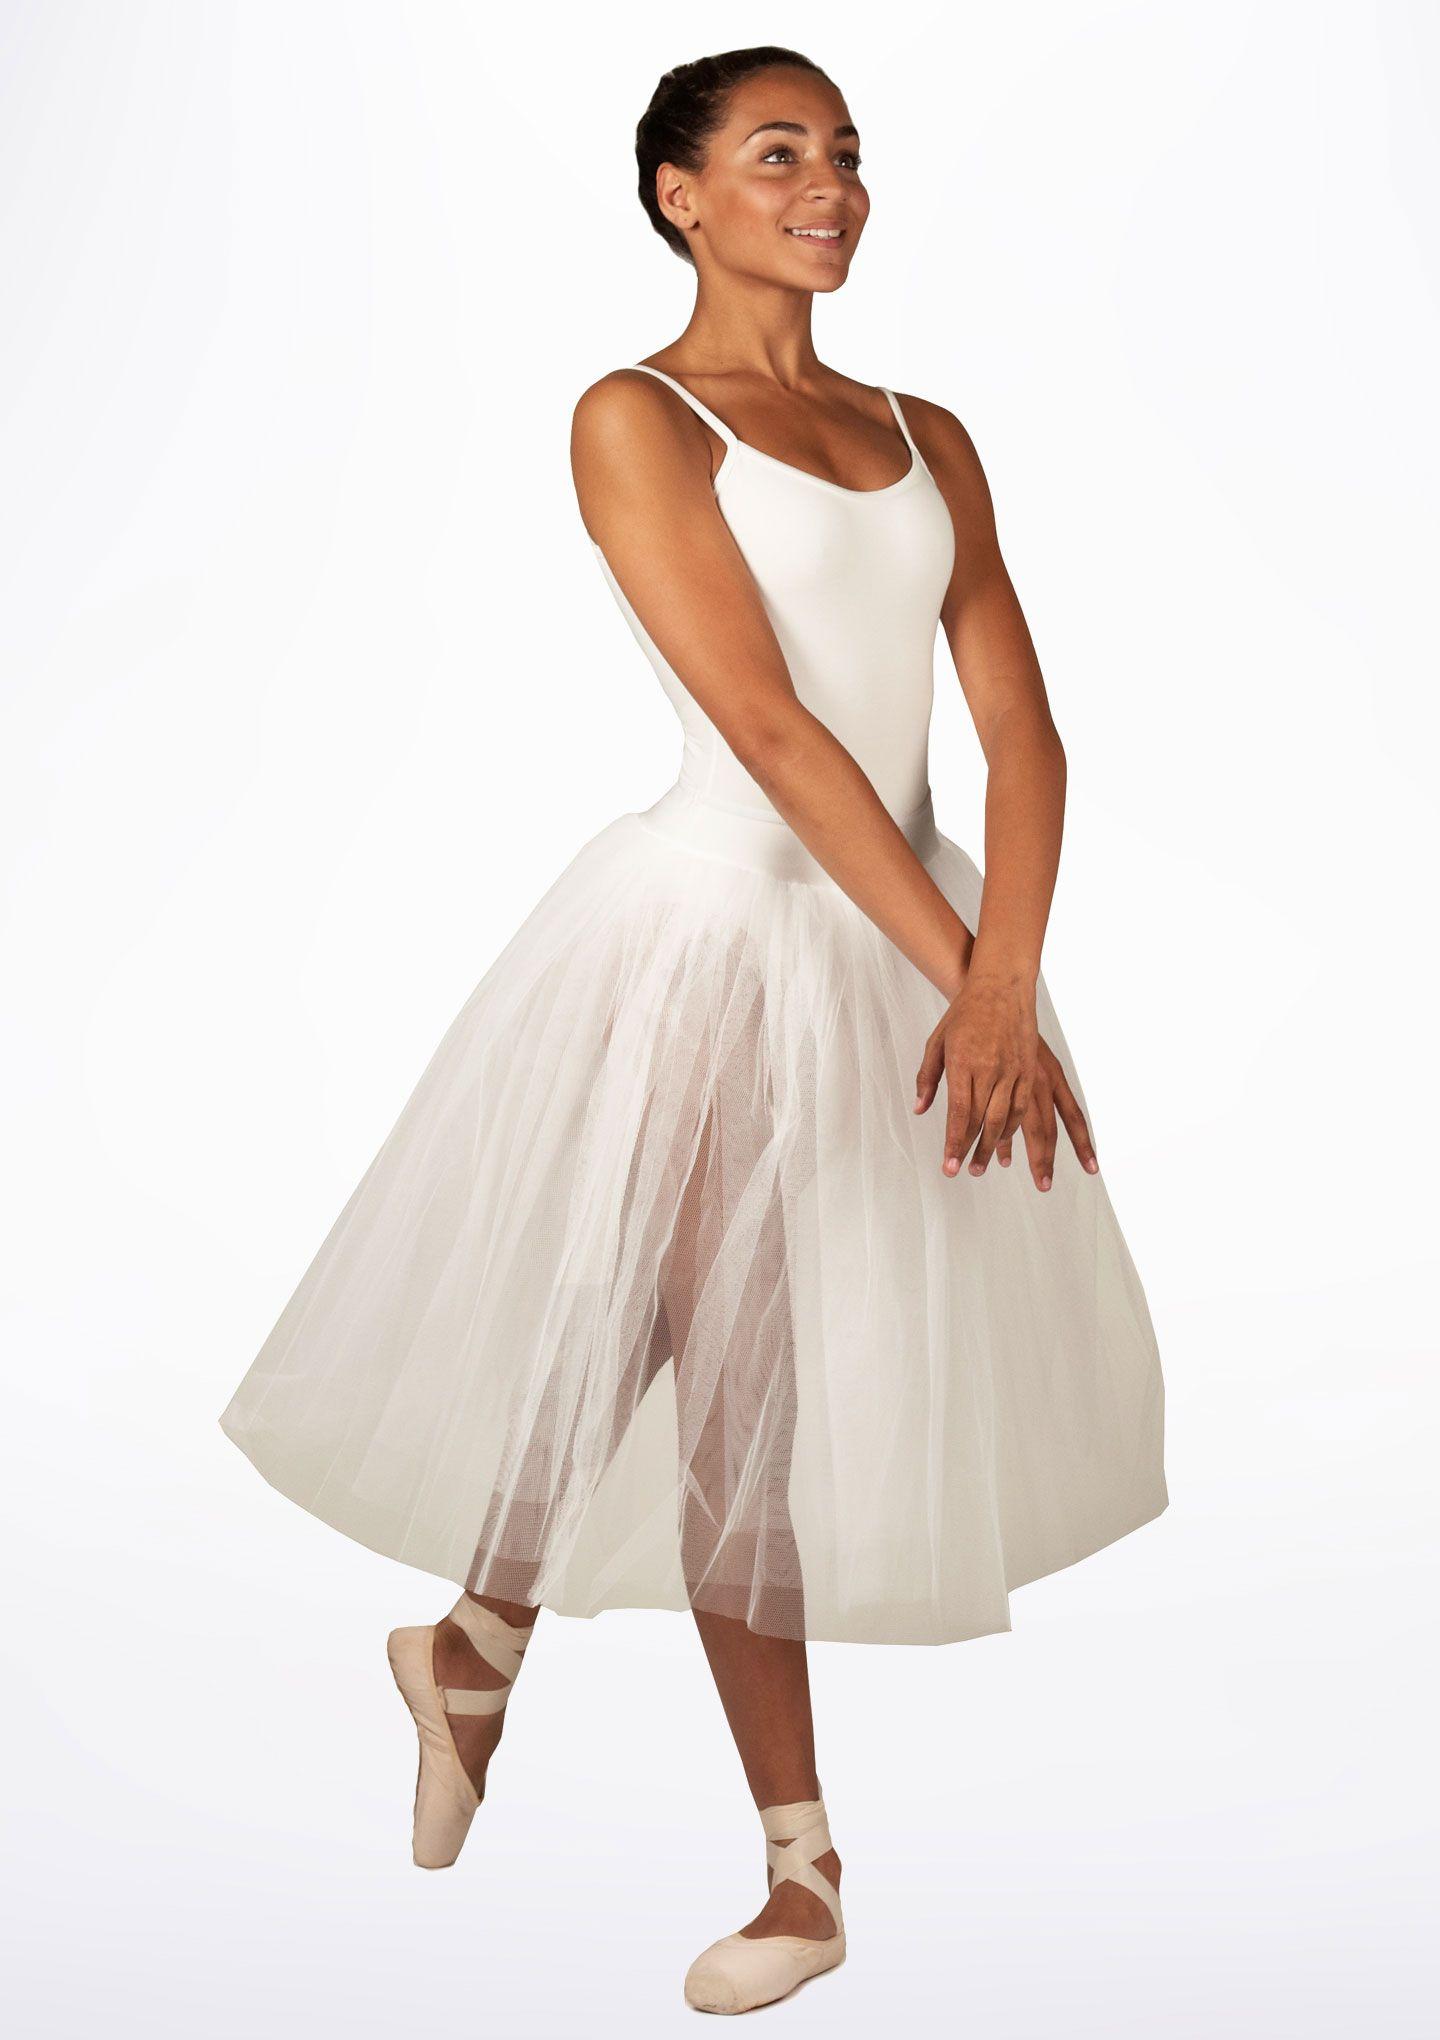 95e1673da Alegra Basic Romantic Tutu | Ballet